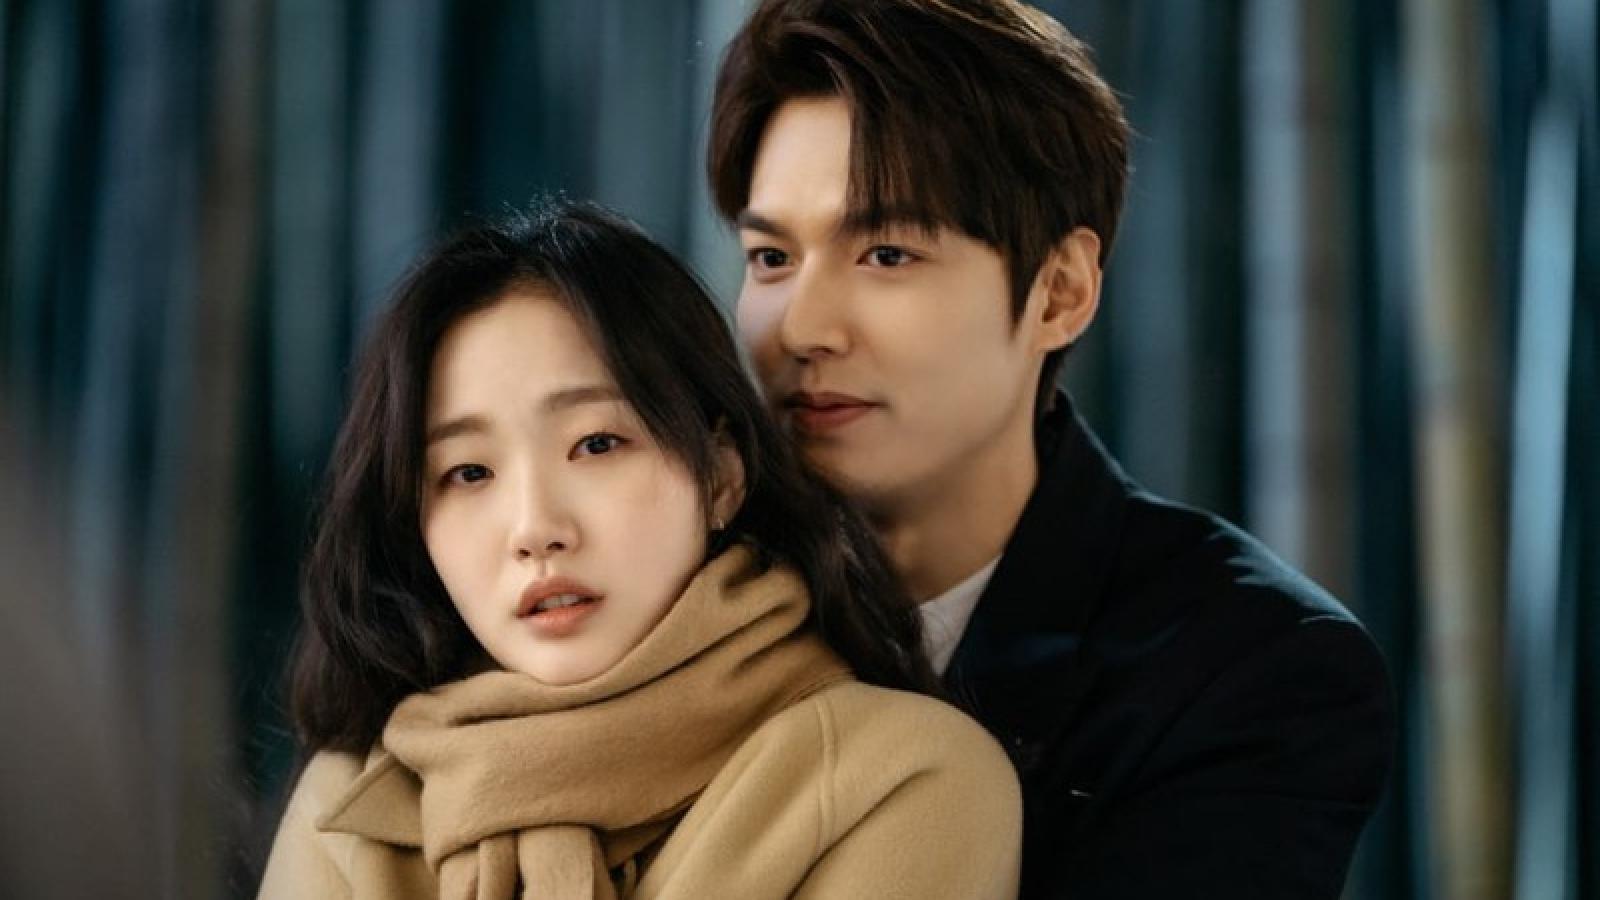 Quân vương bất diệt: Lee Min Ho cưỡi bạch mã đón Kim Go Eun vượt thế giới